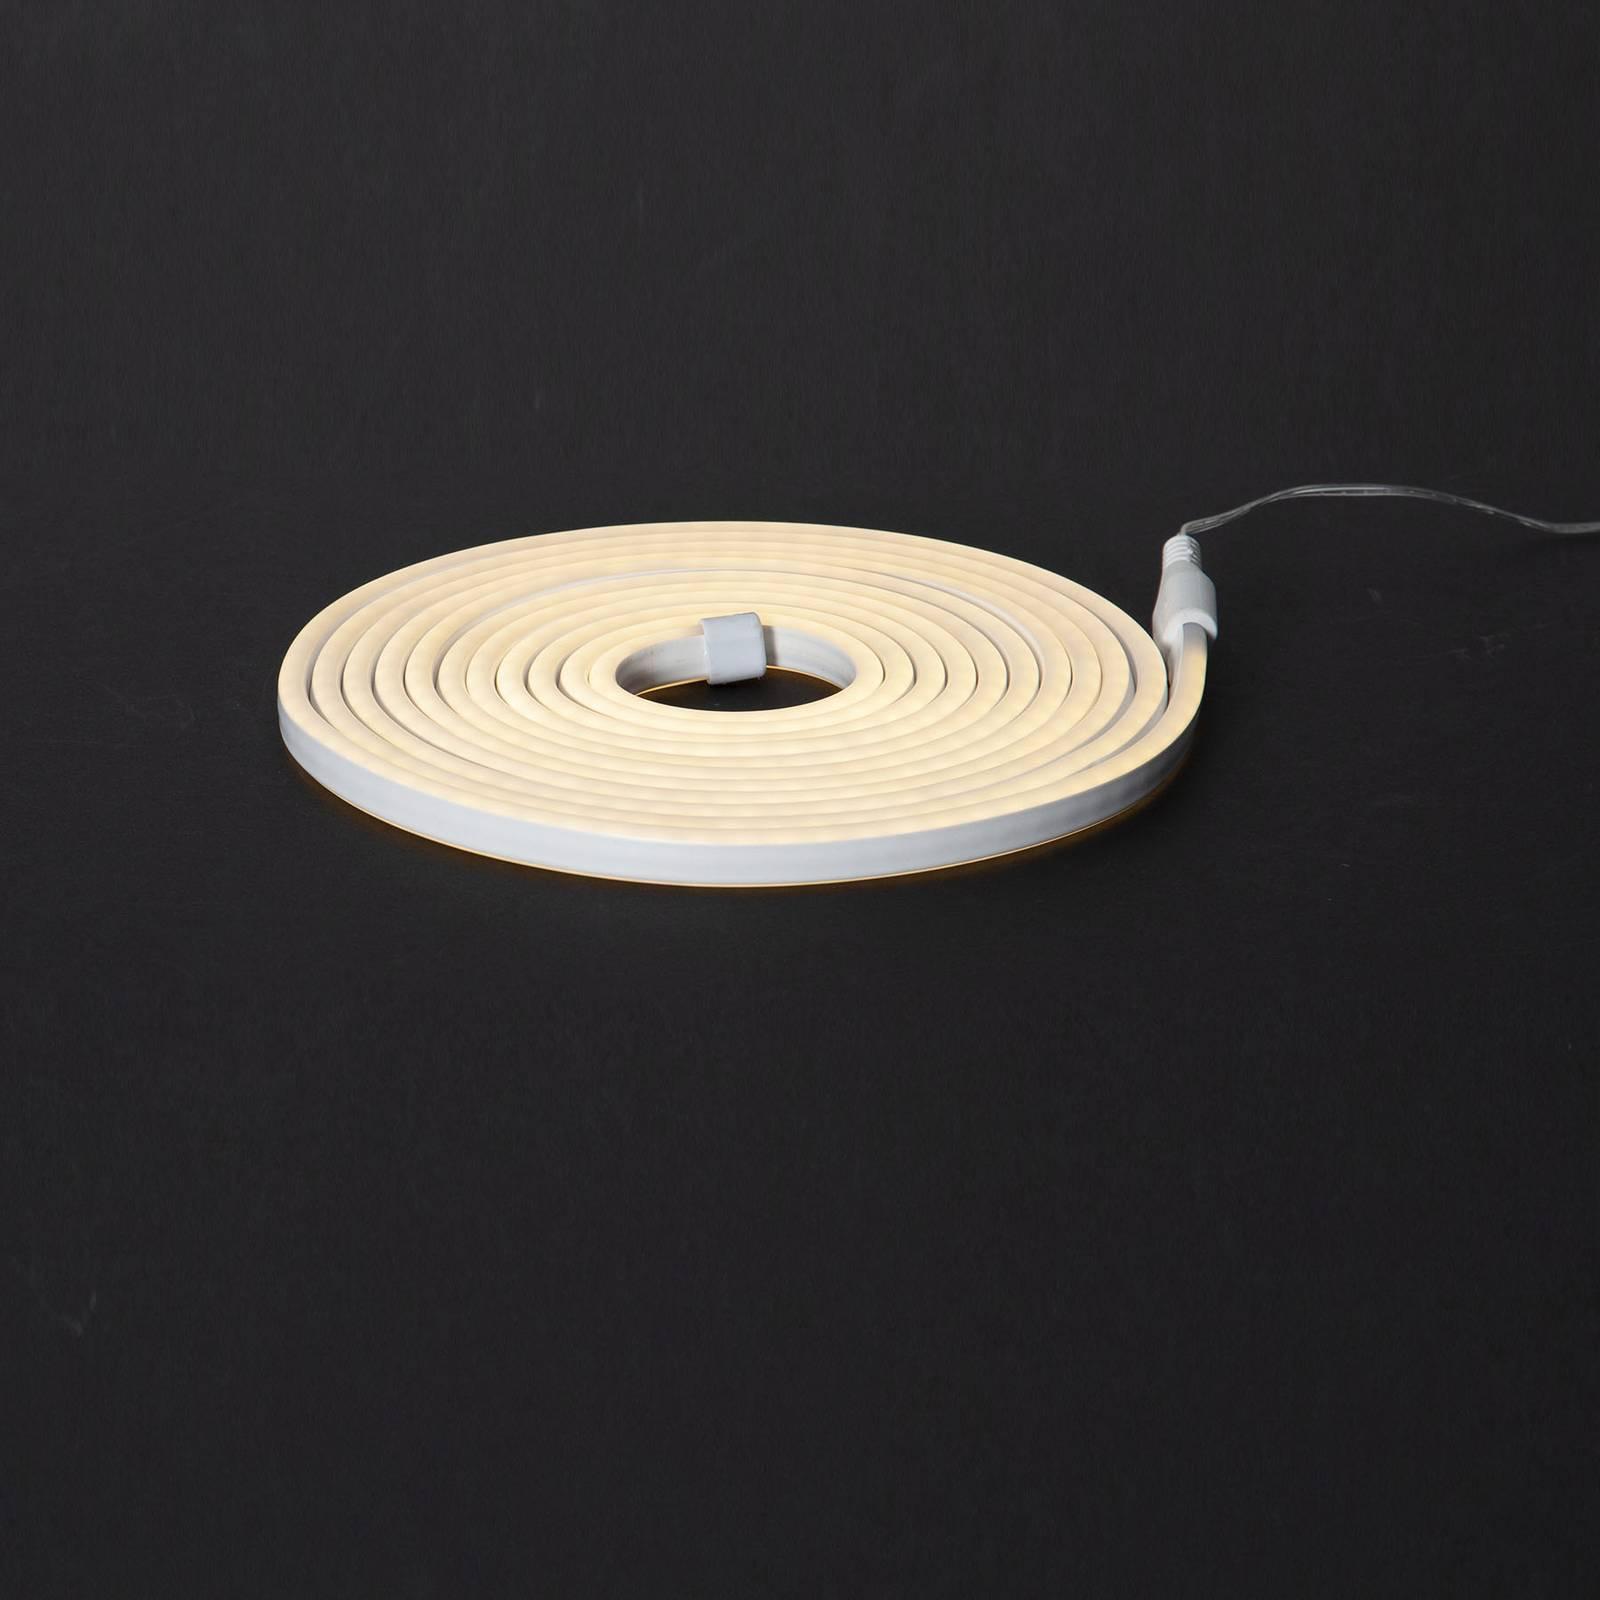 Flatneon-LED-valokaapeli 2 800 K